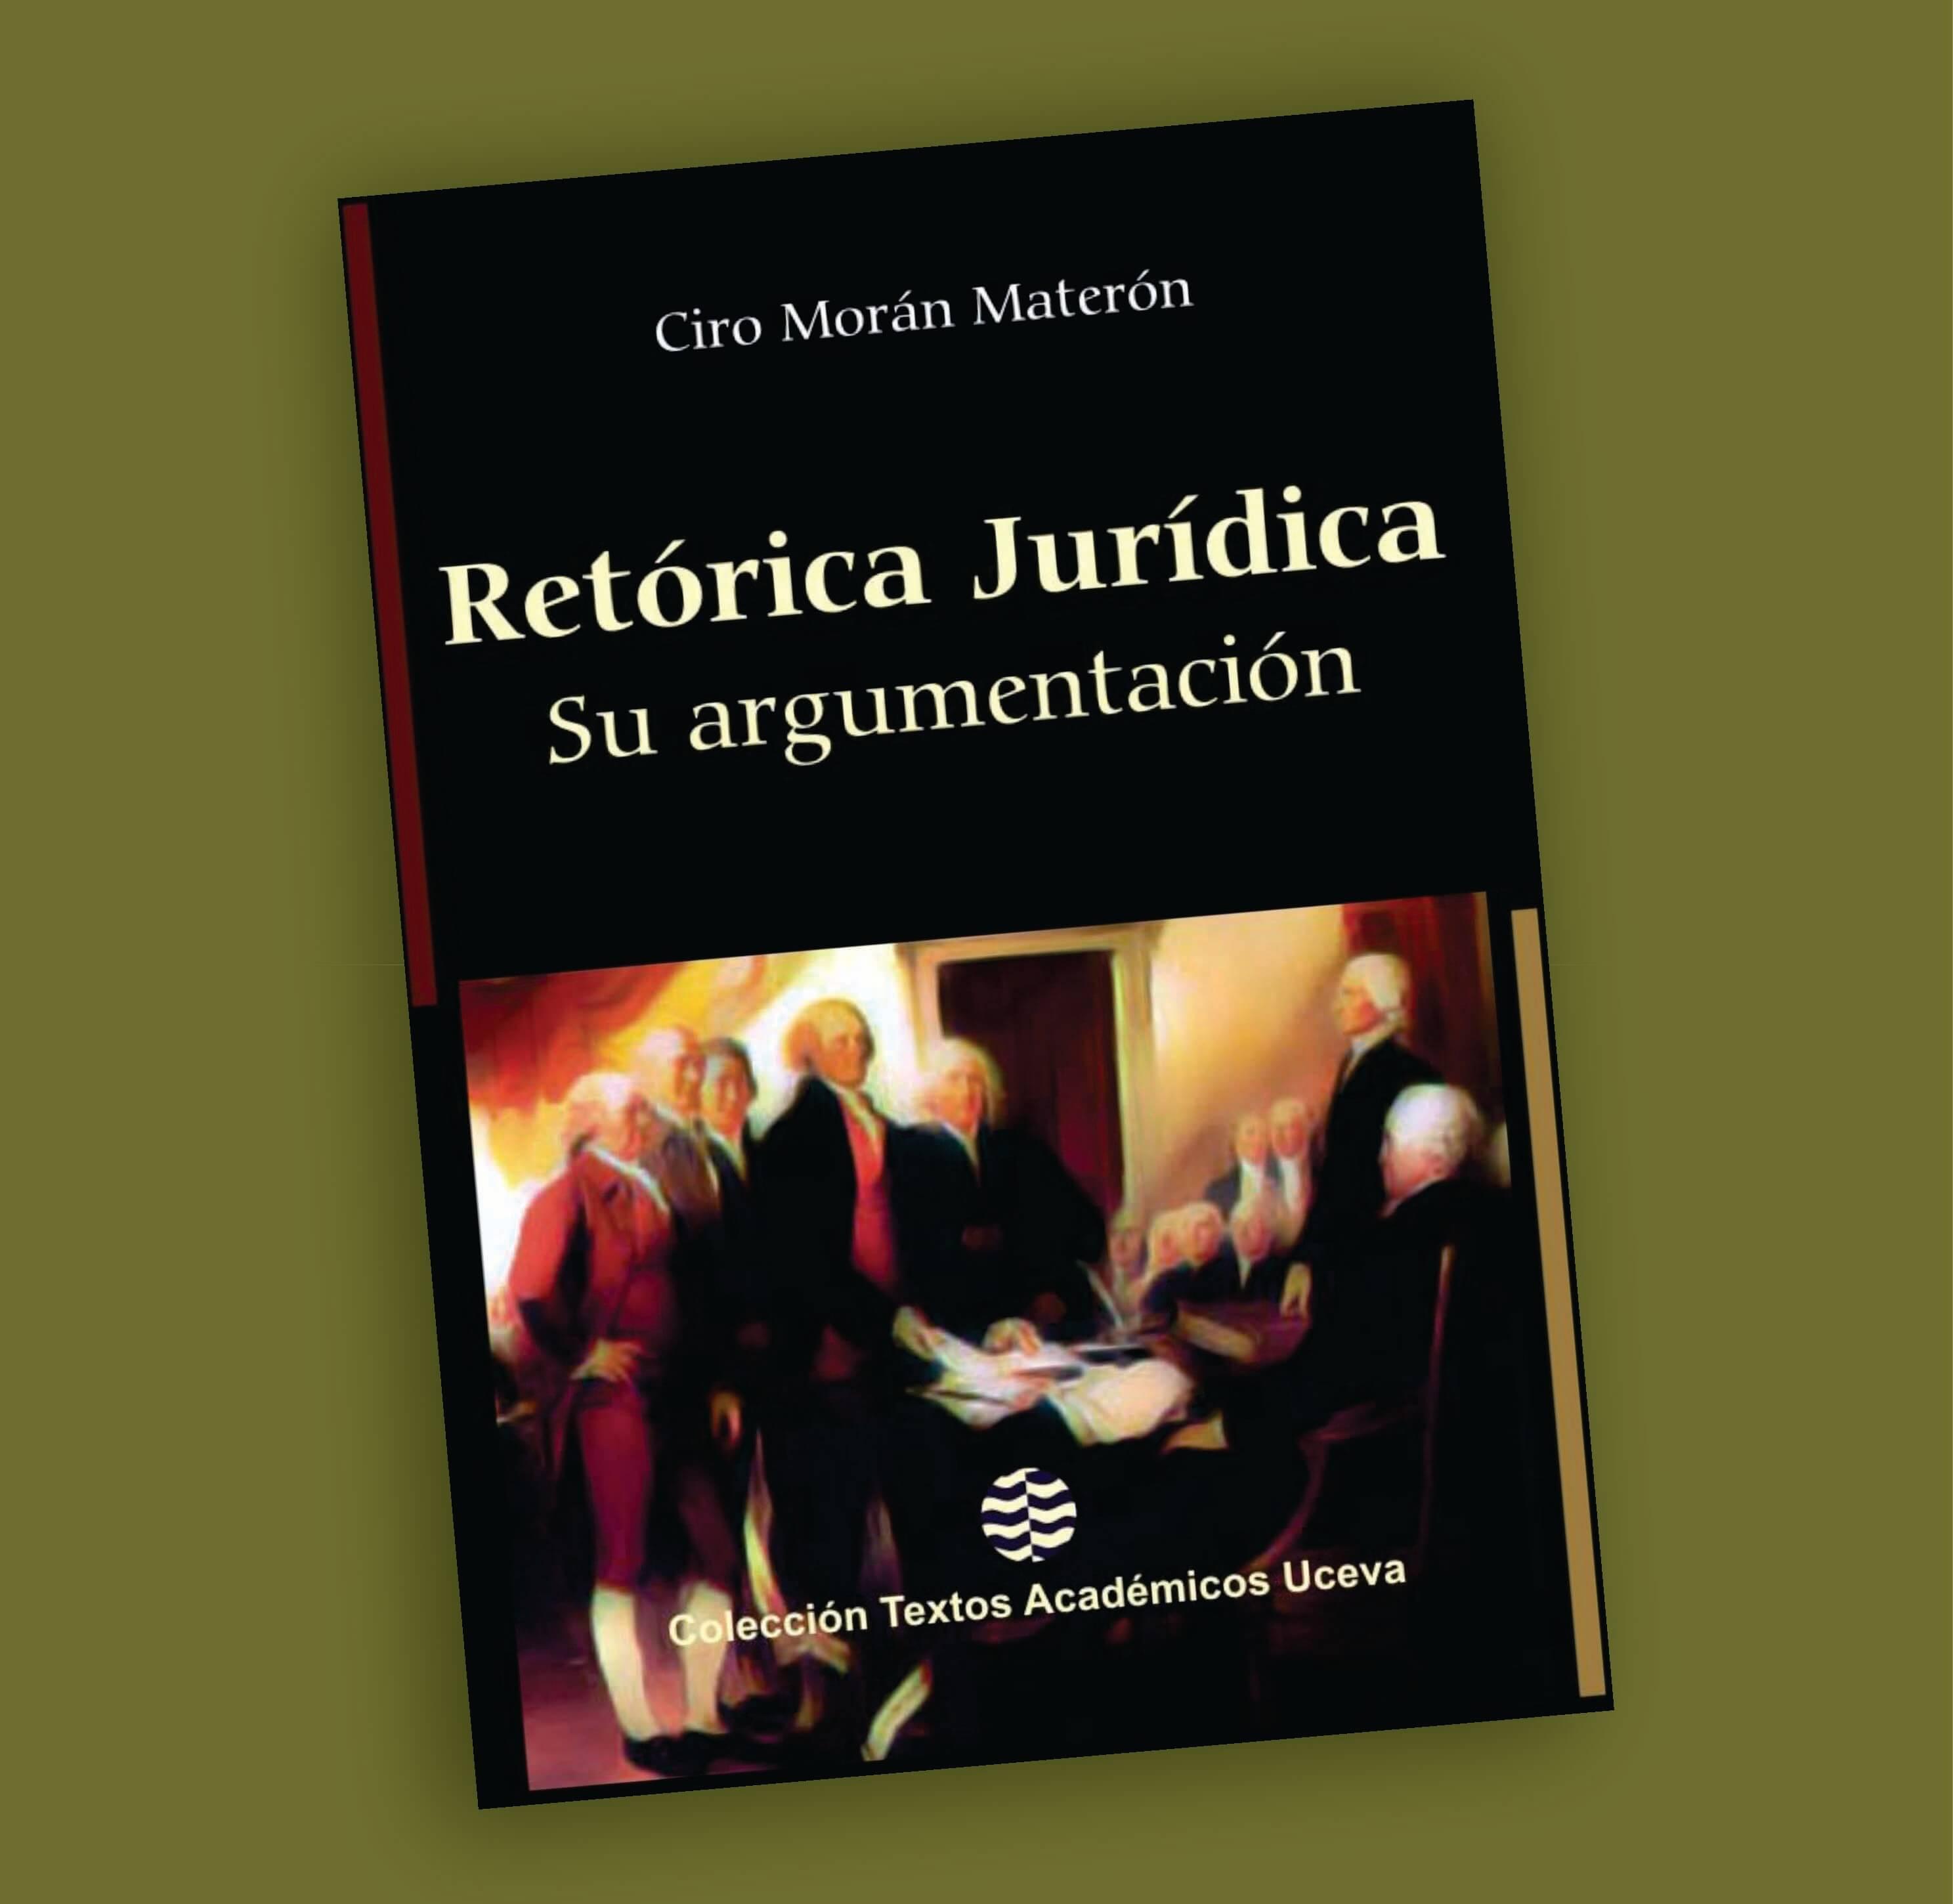 Retórica Jurídica-Ciro Morán Materón